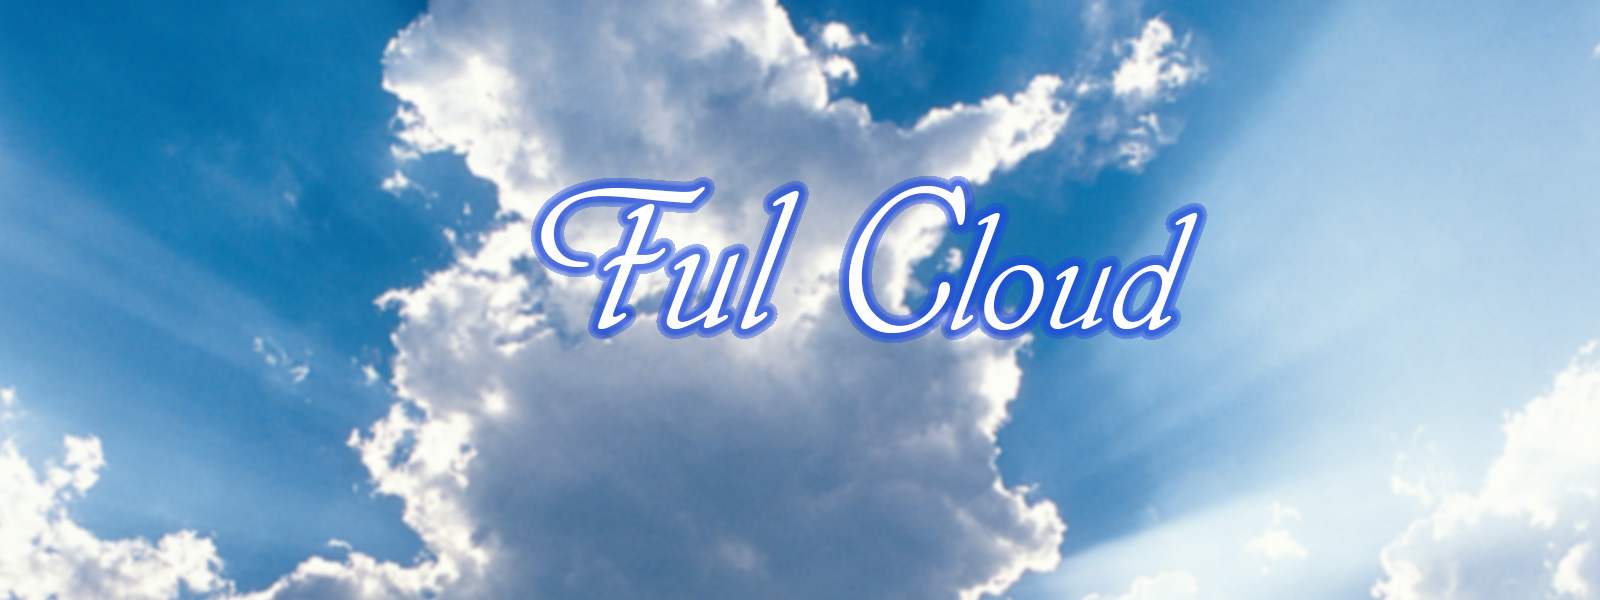 ITの老舗フクモトロジスティックシステムではSaasなどのクラウドサービスを提供します